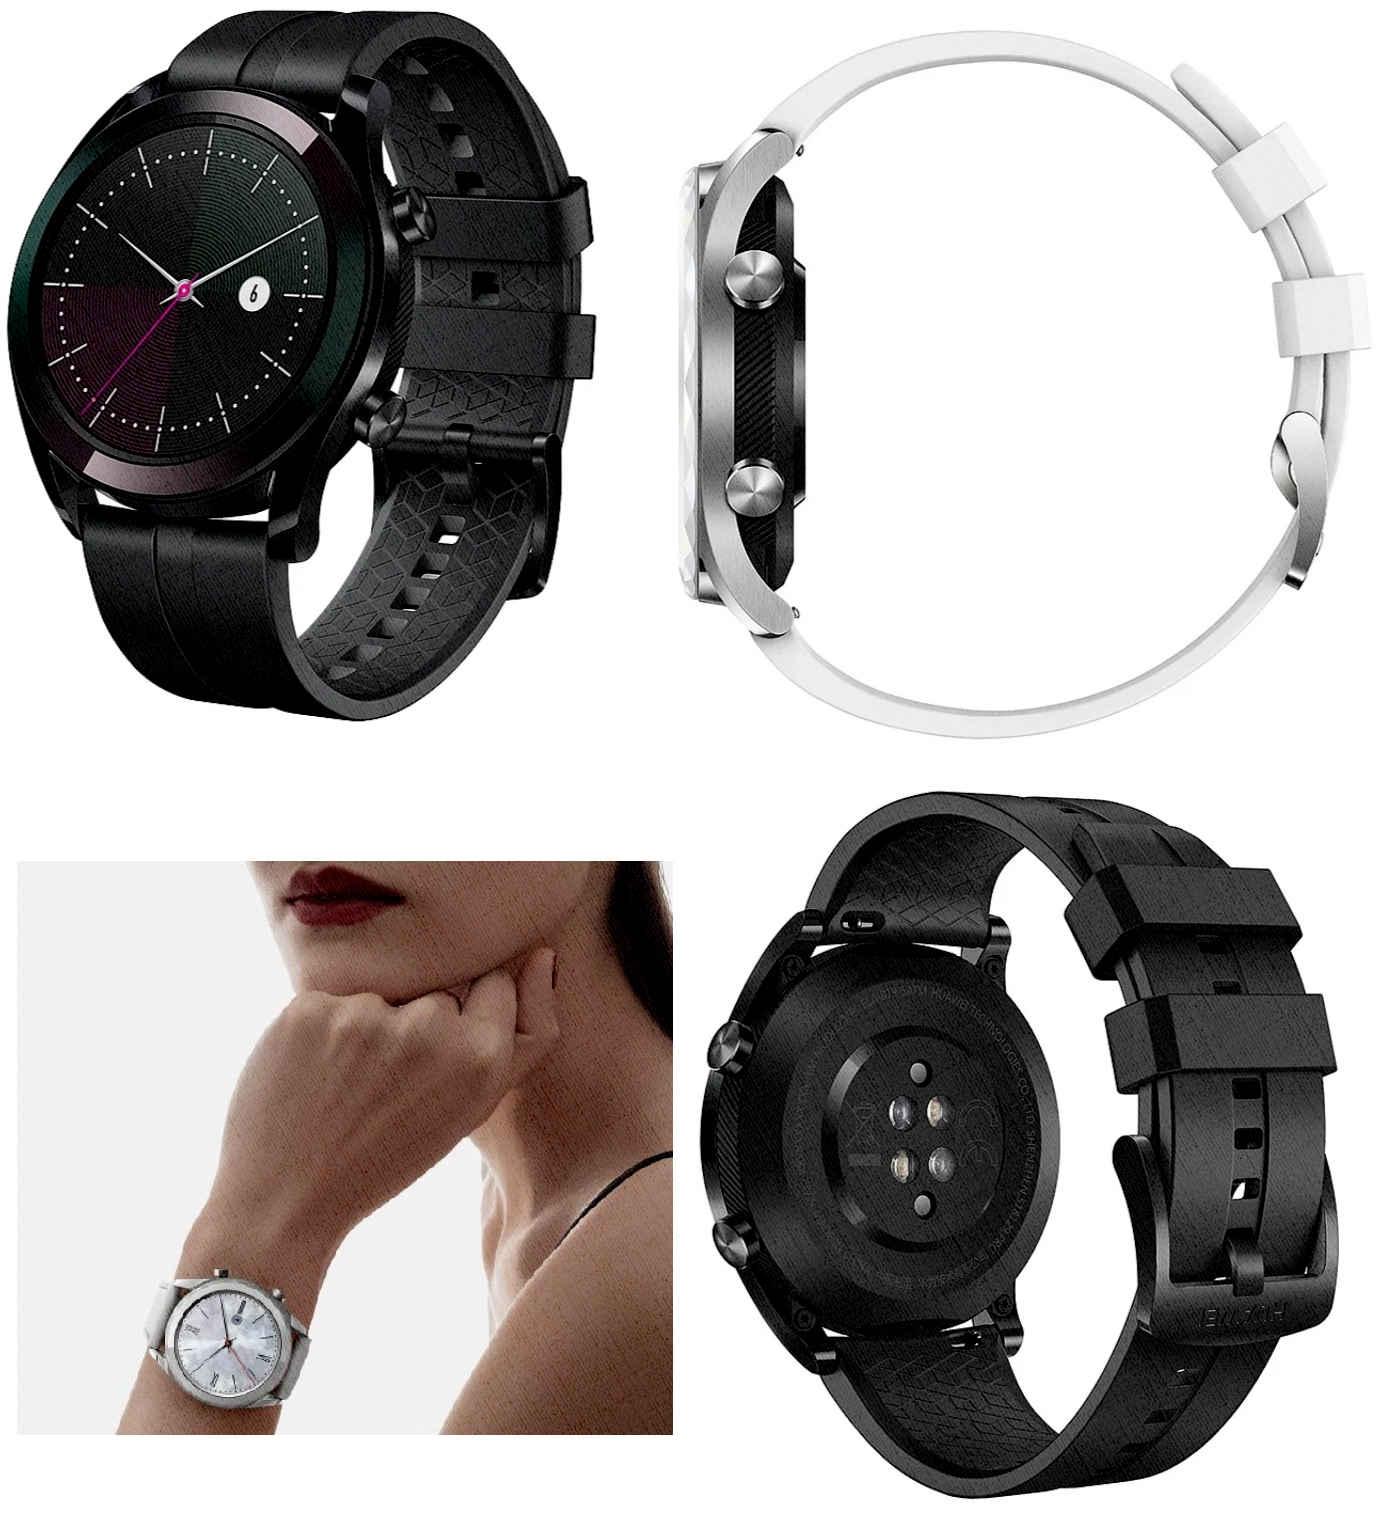 цена качество в 2020 году для мужчин и для женщин HUAWEI Watch GT Elegant